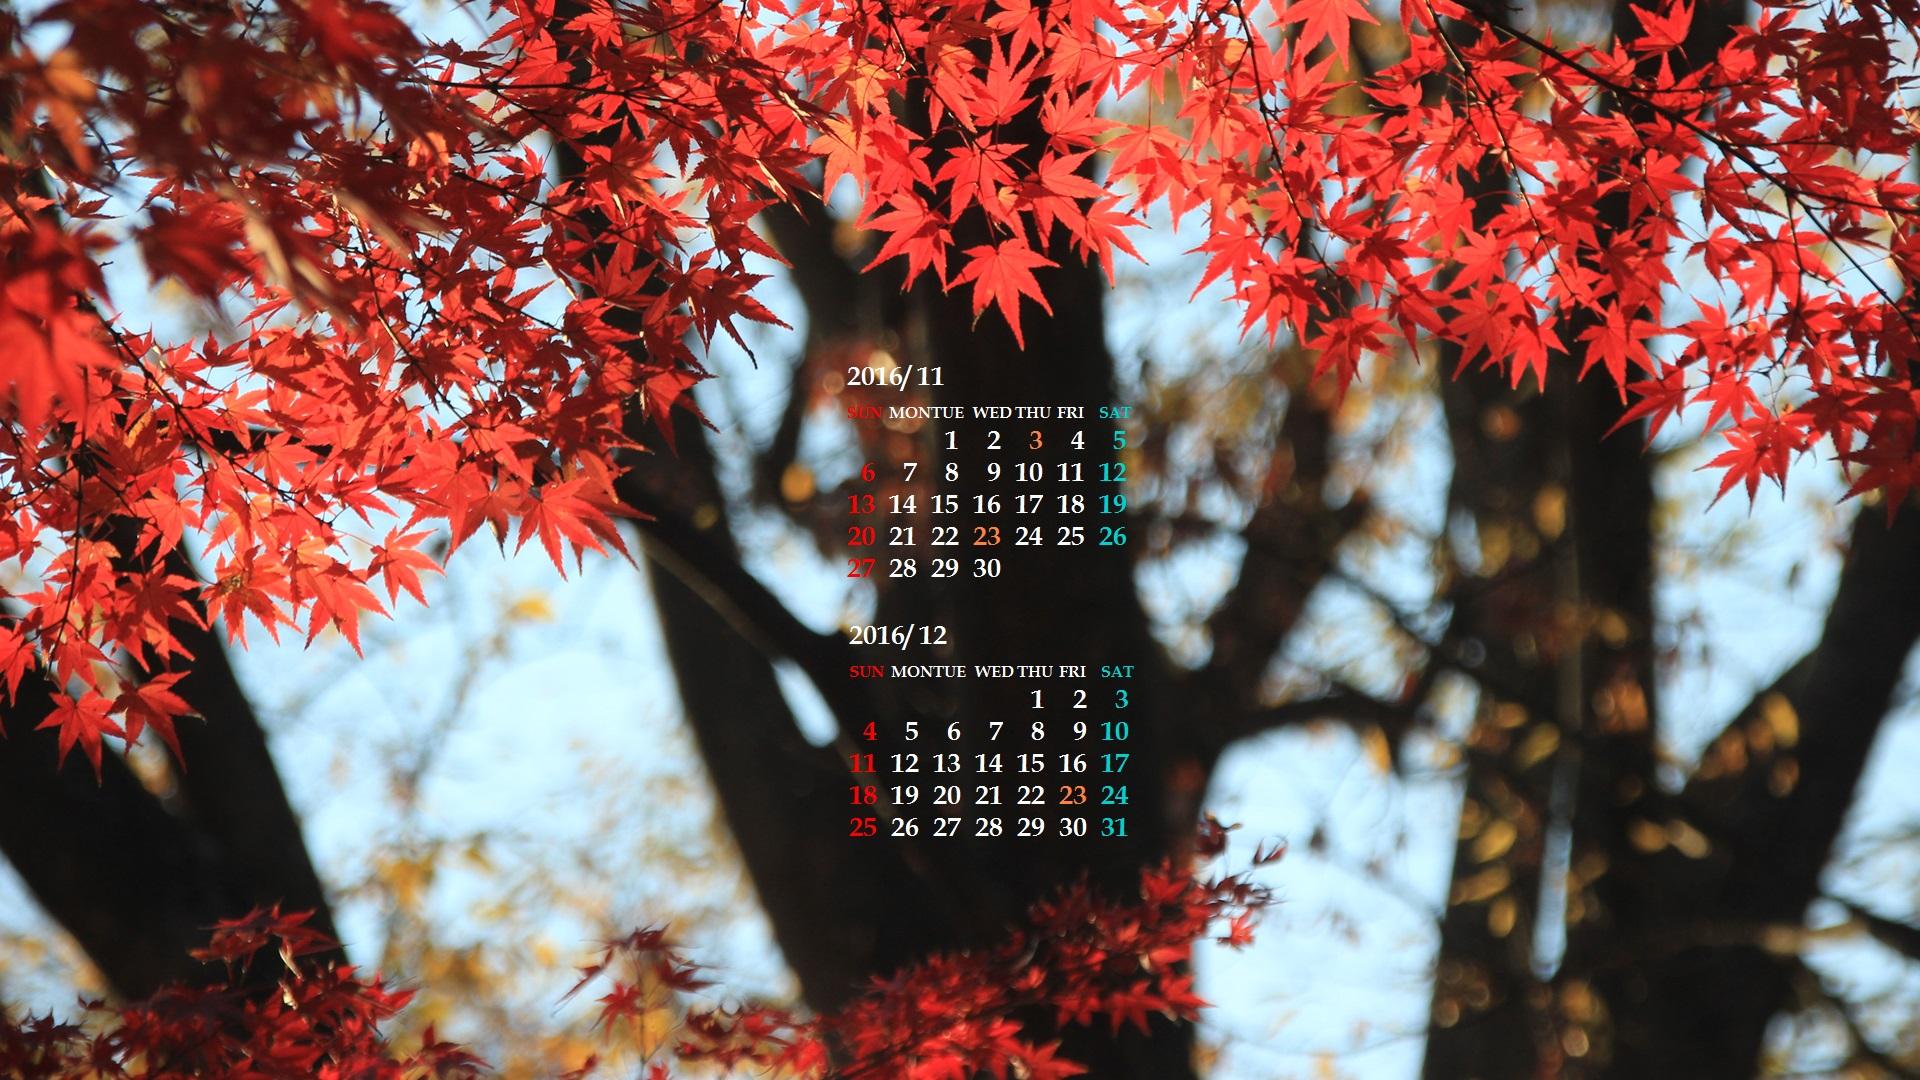 里の秋 16年11月カレンダー壁紙 カレンダー壁紙館 昴 無料ワイド